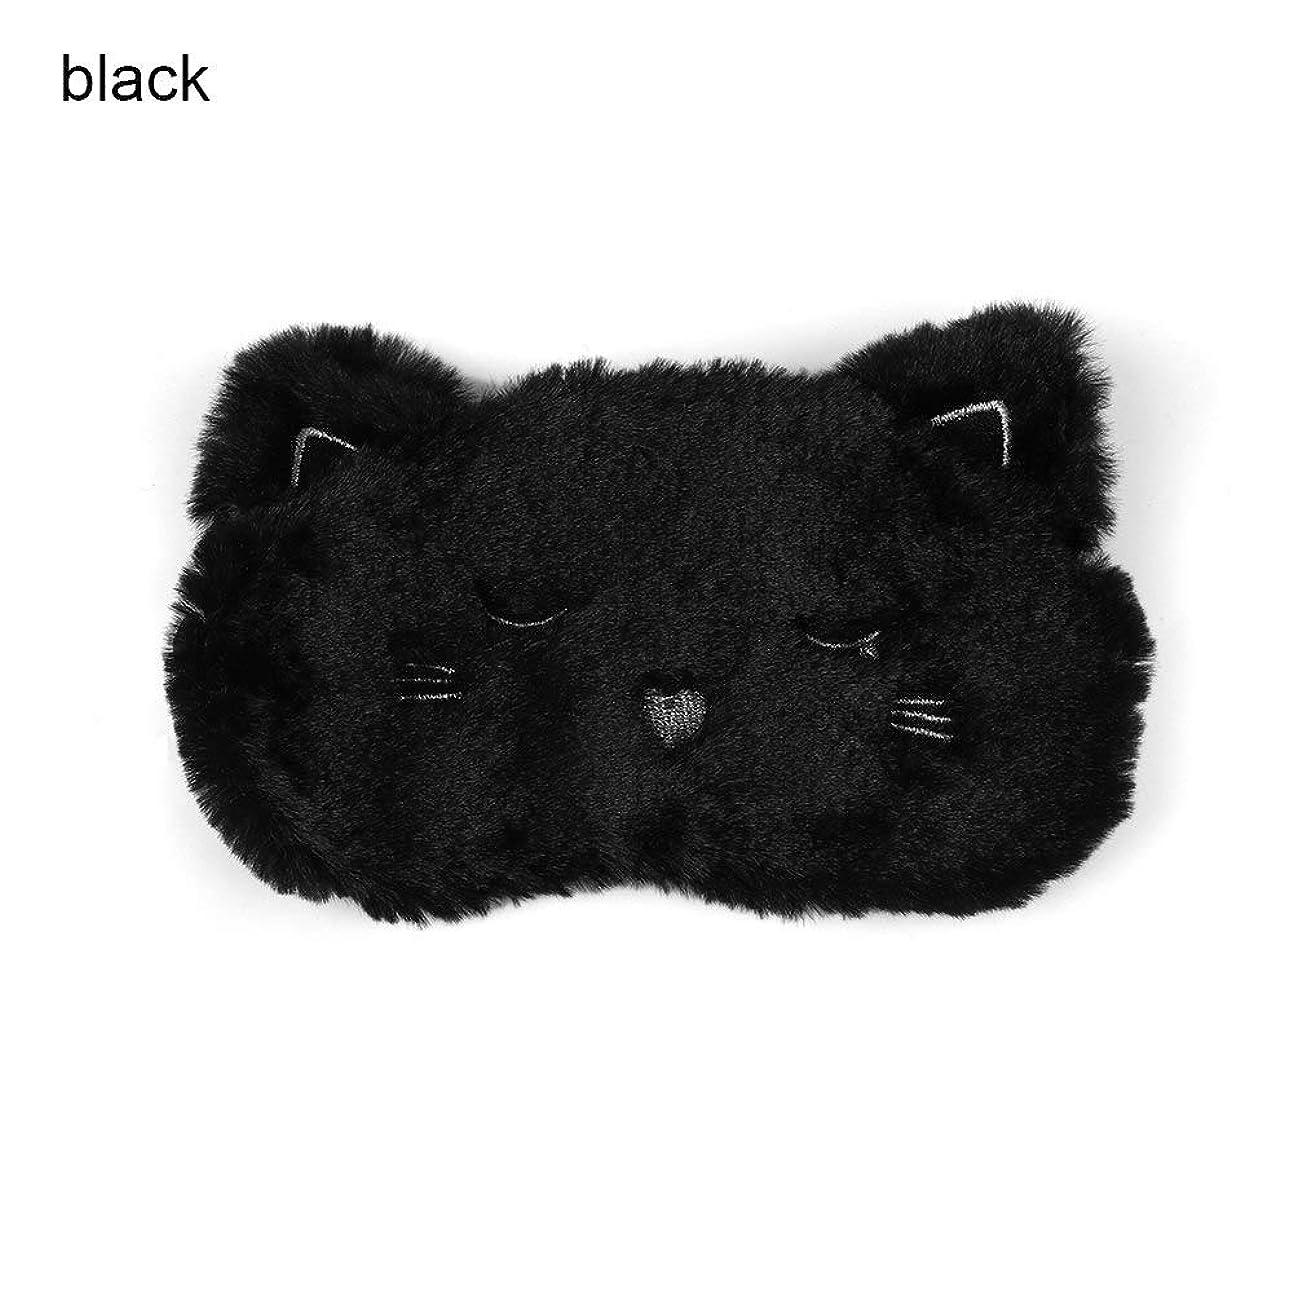 見積り暴露ランドリーNOTE アイマスク睡眠&いびき目マスク睡眠漫画黒白猫子猫アイマスクホーム旅行ゴーグルシェーディング睡眠昼寝アイシェード